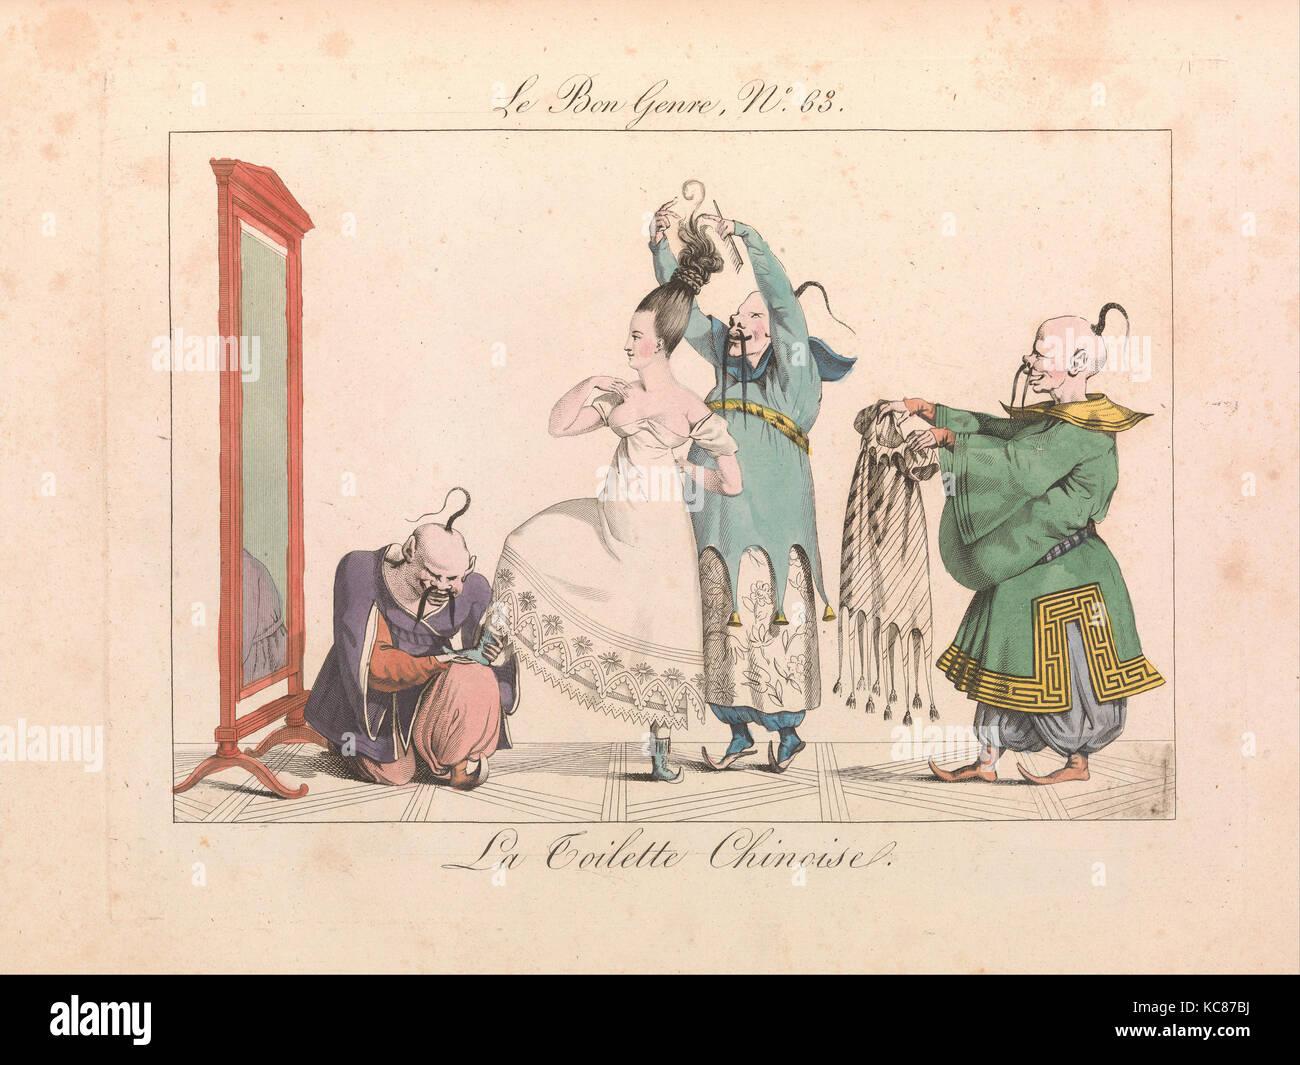 Le Bon Genre: Observations sur les modes et les usages de Paris, 1827 Photo Stock